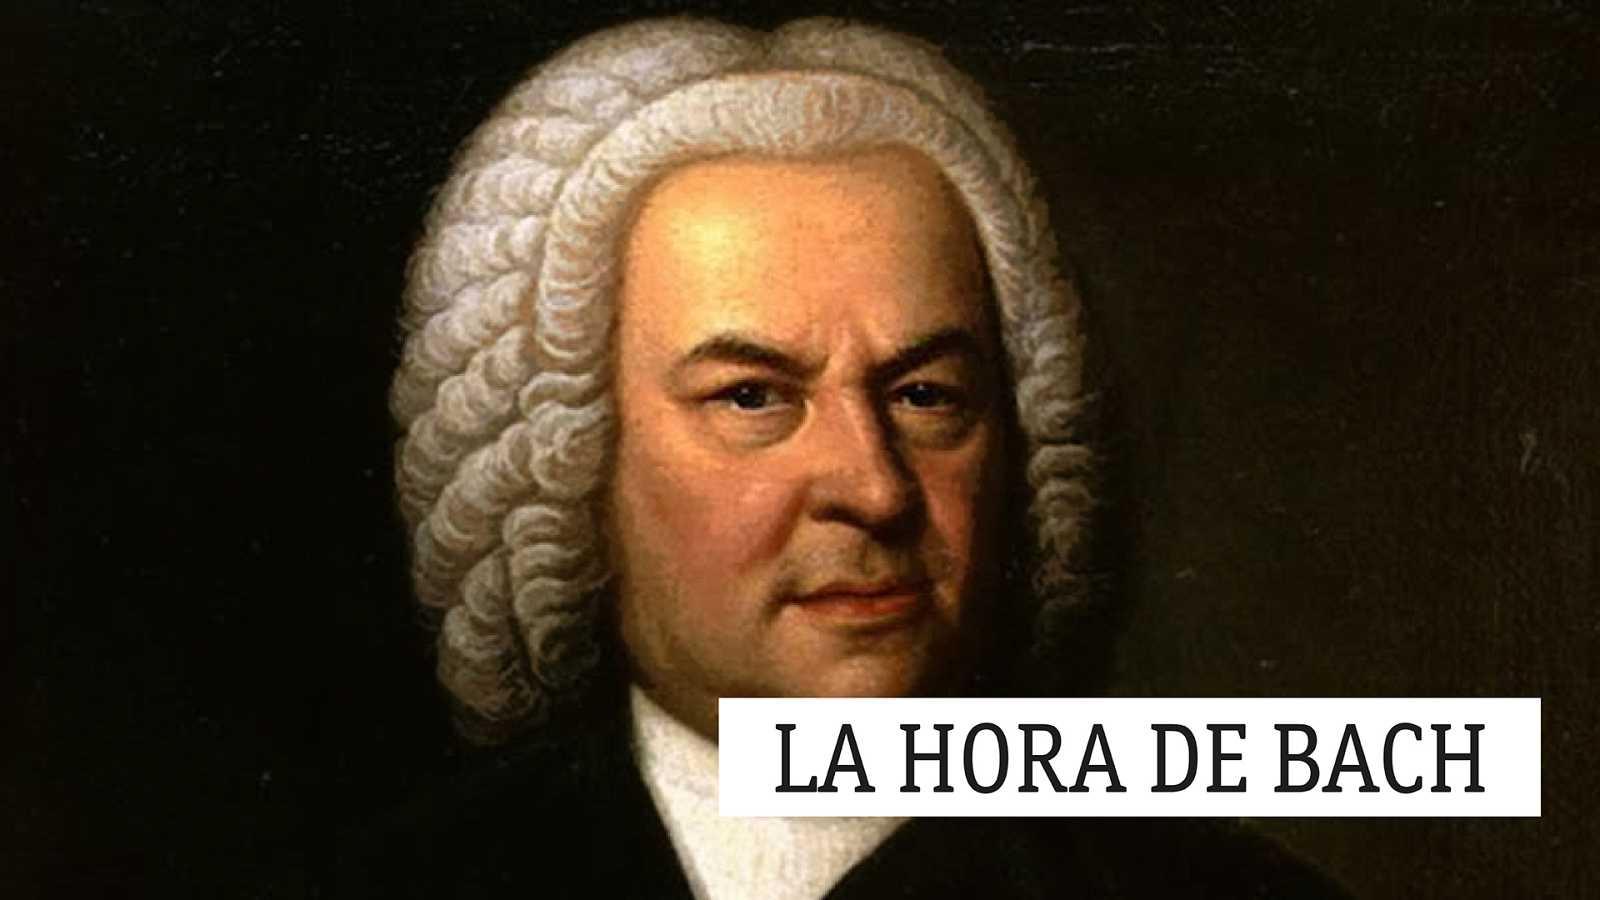 La hora de Bach - 27/02/21 - escuchar ahora